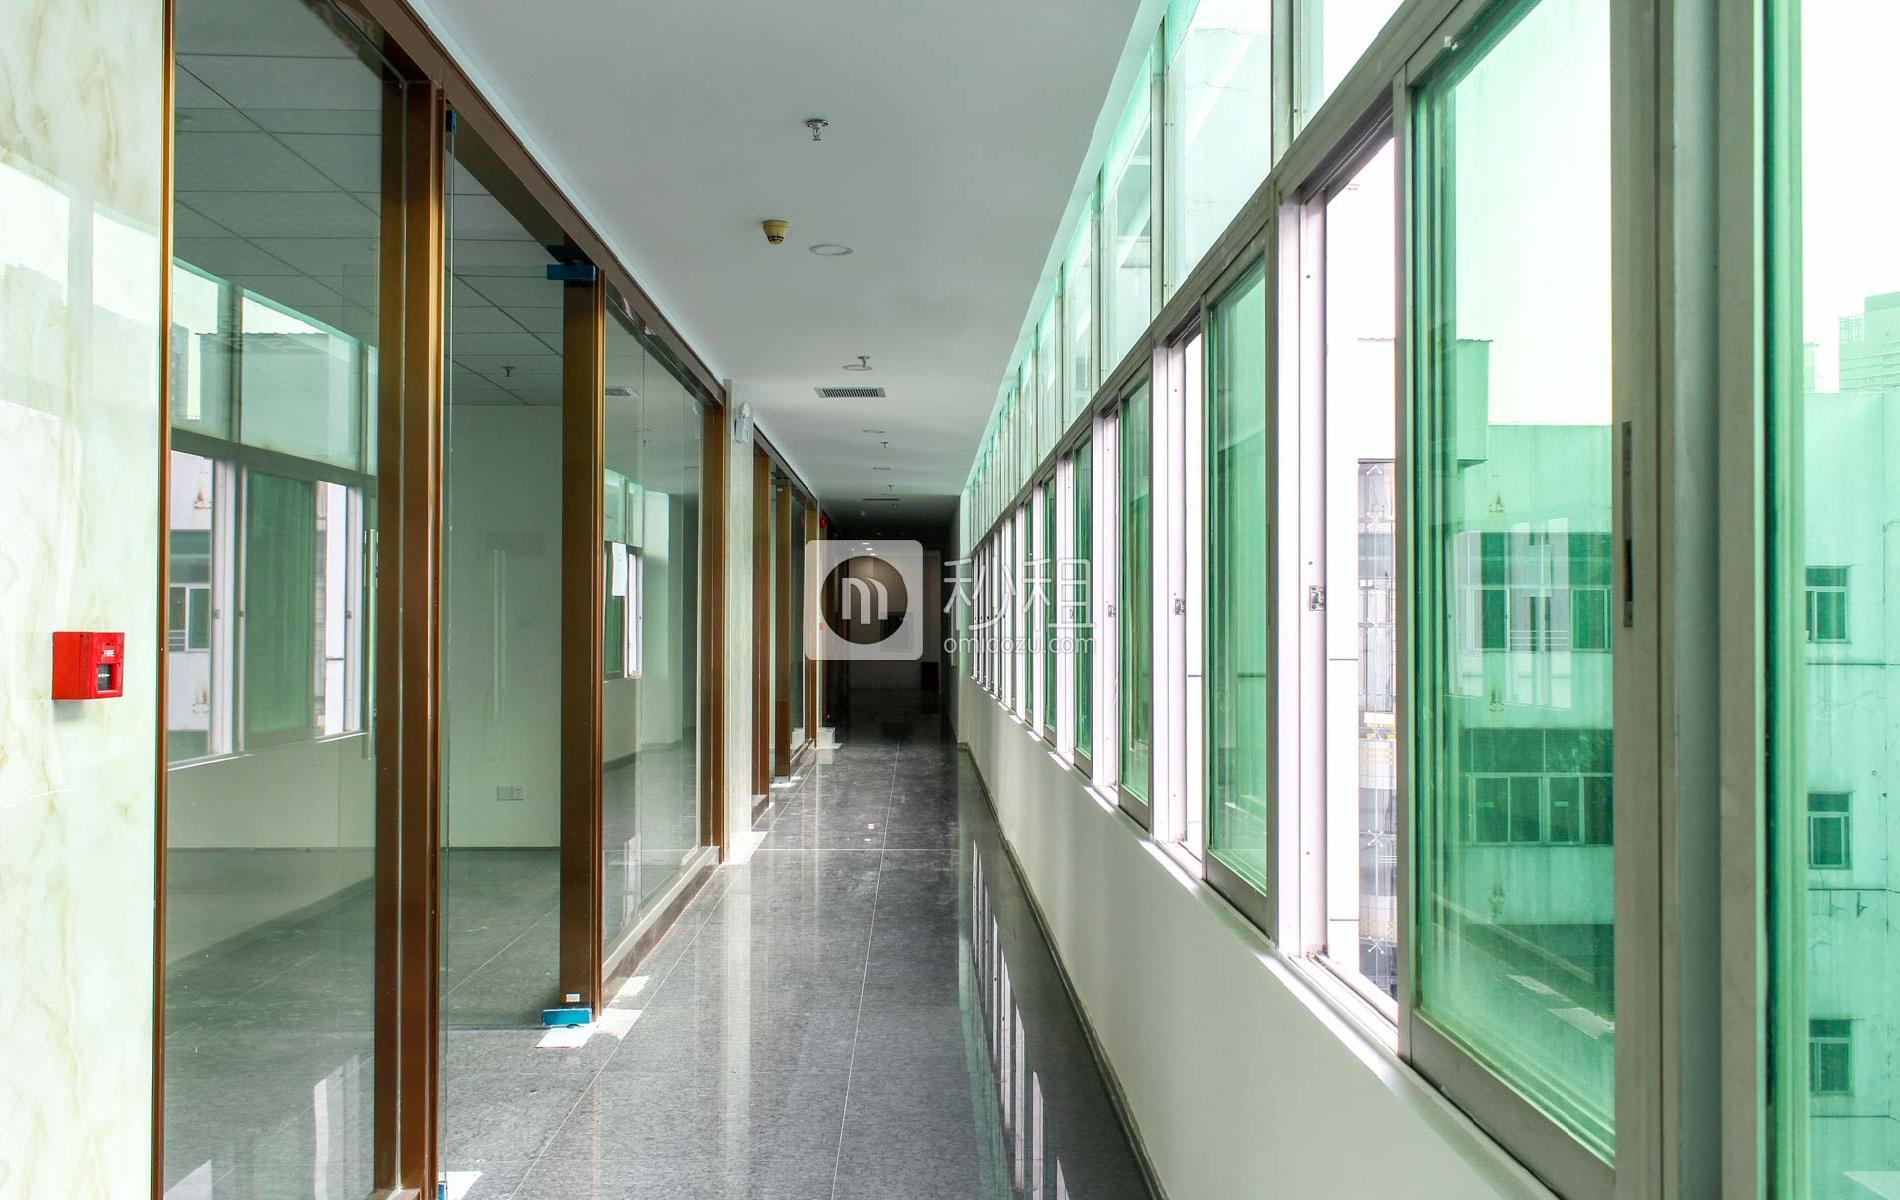 华科大厦写字楼出租/招租/租赁,华科大厦办公室出租/招租/租赁